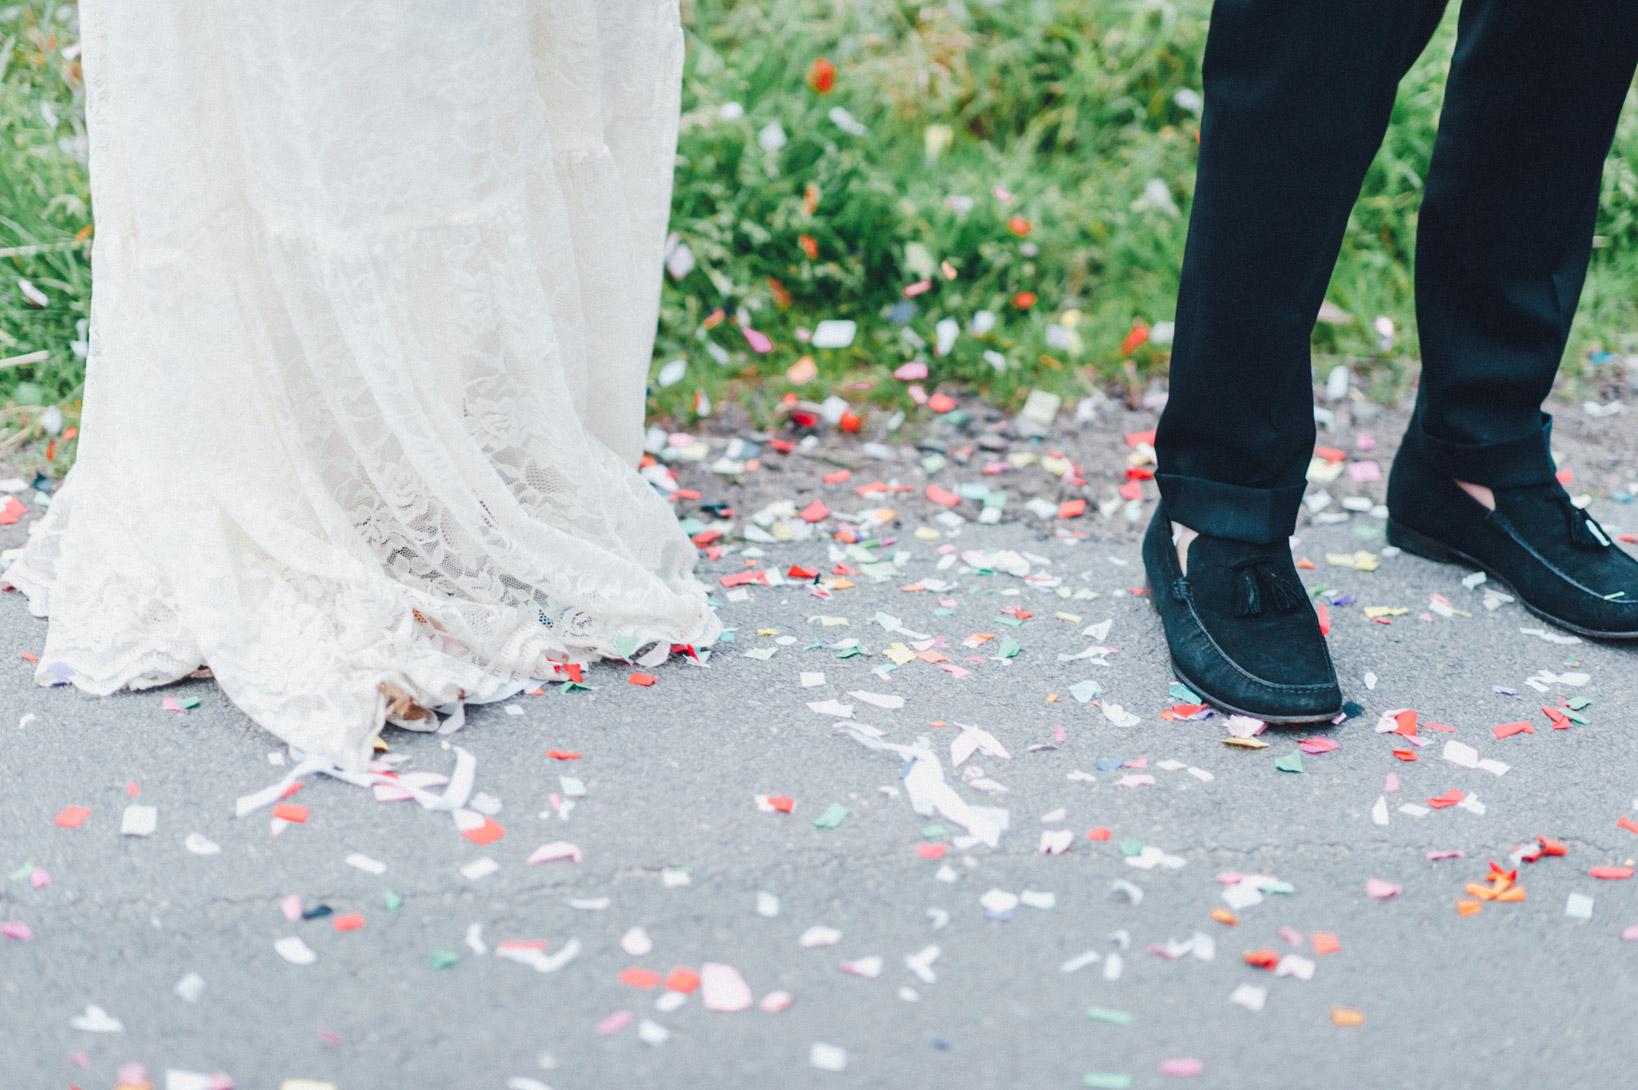 DIY-Hochzeit-gold-VW-Bully-115 Janet & Pierre DIY Midsummer-Wedding in Gold mit VW BulliDIY Hochzeit gold VW Bully 115